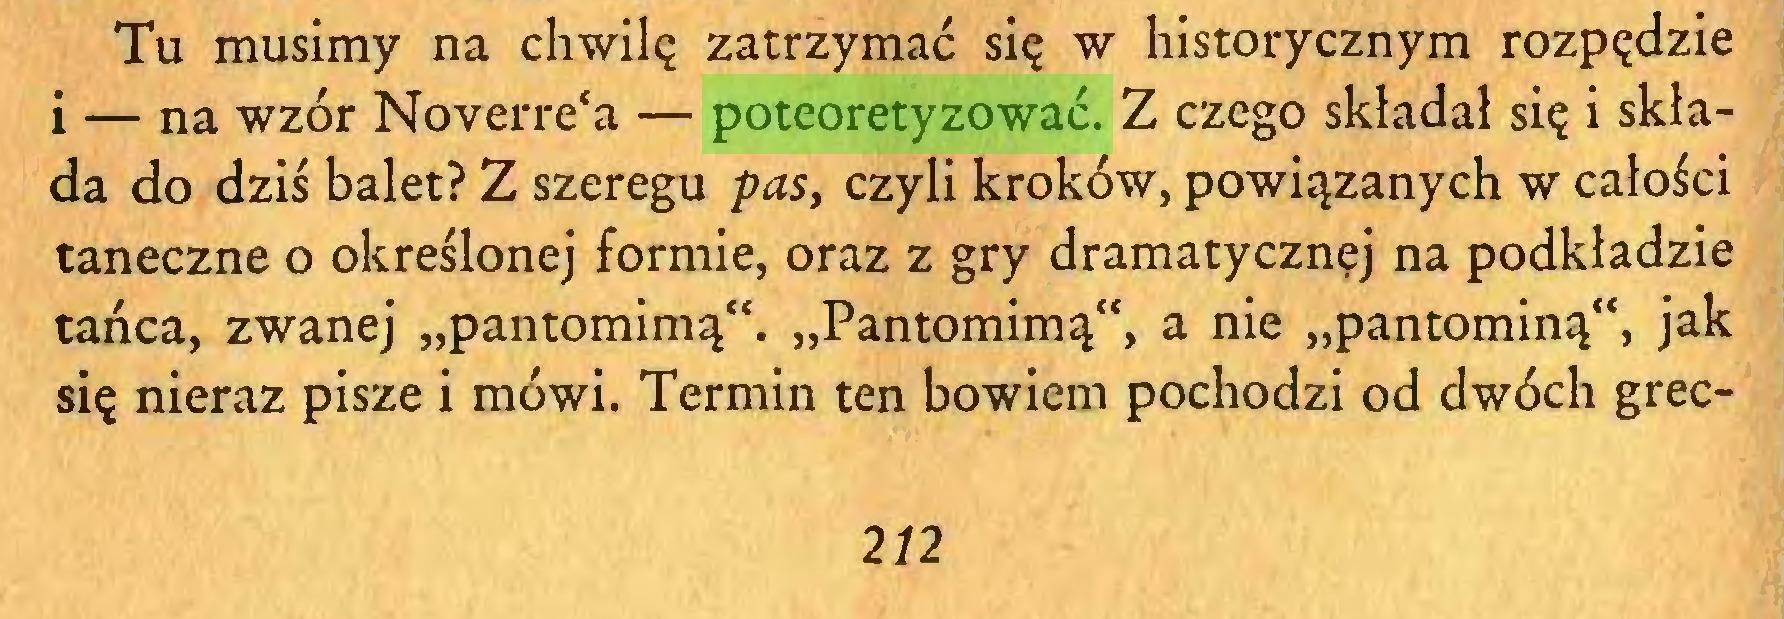 """(...) Tu musimy na chwilę zatrzymać się w historycznym rozpędzie i — na wzór Noverre'a — poteoretyzować. Z czego składał się i składa do dziś balet? Z szeregu pas, czyli kroków, powiązanych w całości taneczne o określonej formie, oraz z gry dramatycznej na podkładzie tańca, zwanej """"pantomimą"""". """"Pantomimą"""", a nie """"pantominą"""", jak się nieraz pisze i mówi. Termin ten bowiem pochodzi od dwóch grec212..."""